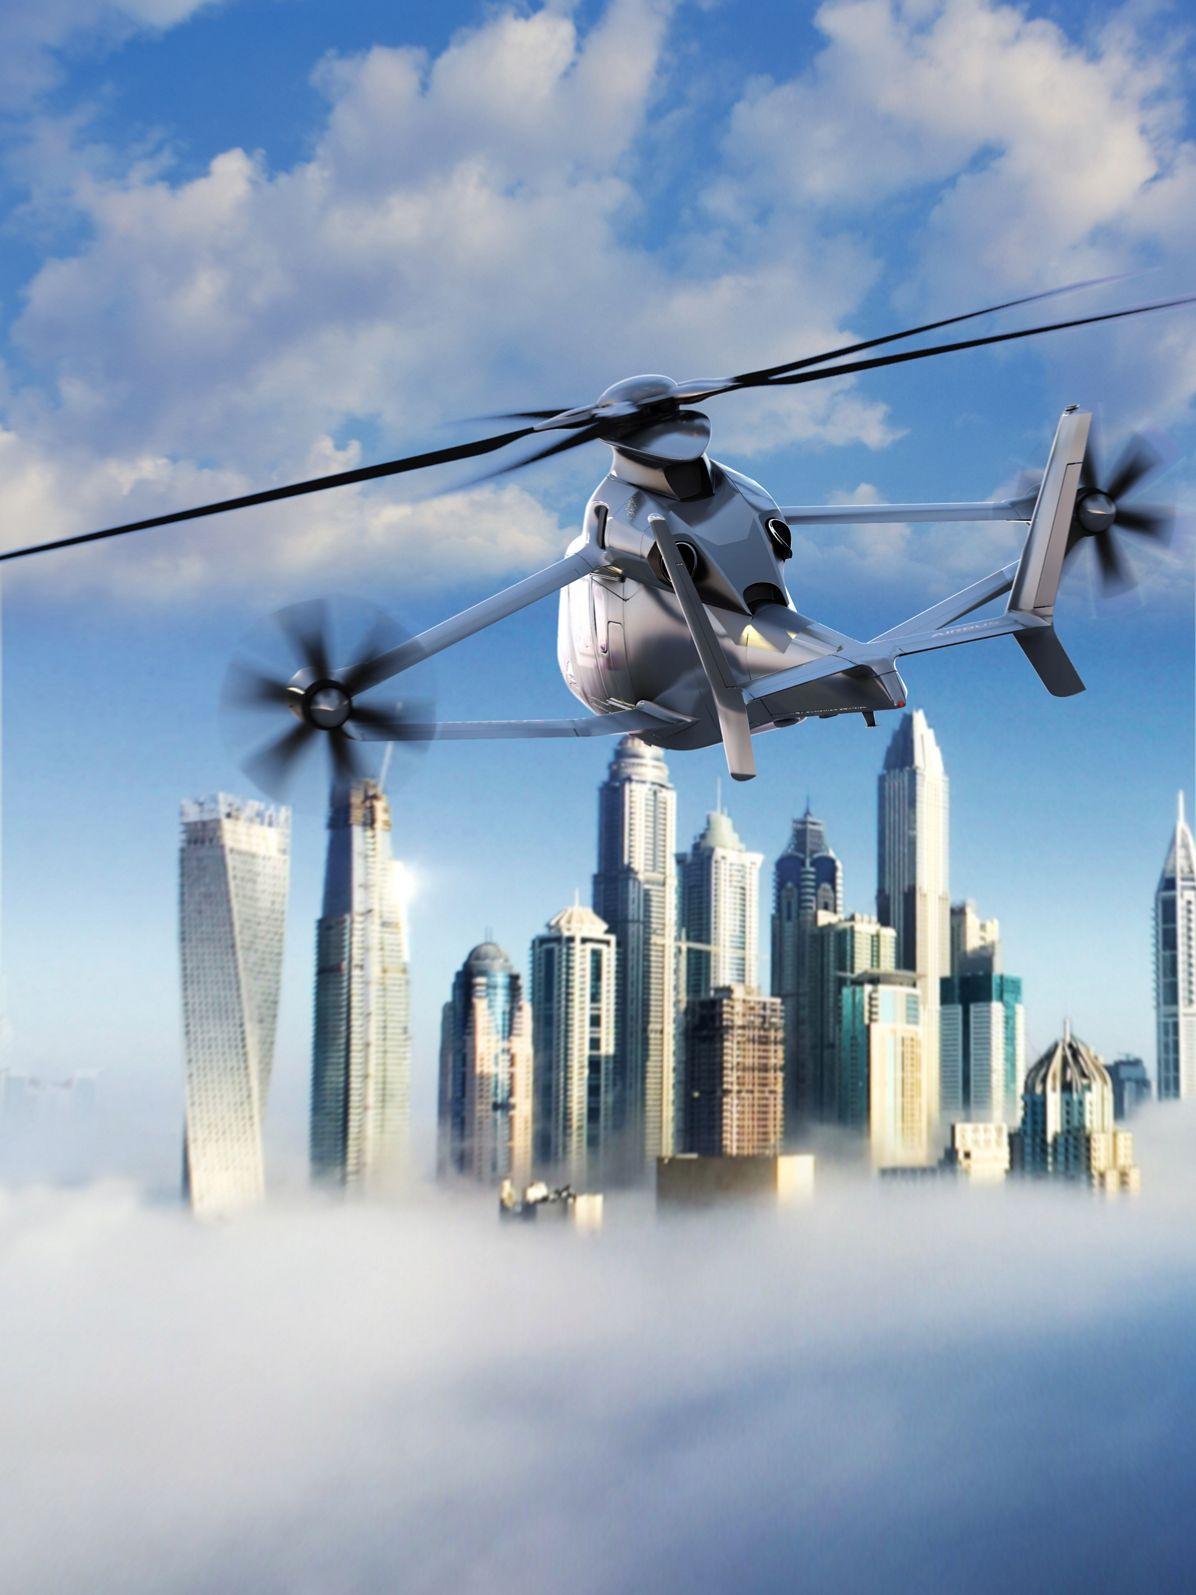 [Из песочницы] Airbus Racer — вертолет, сочетающий в себе достоинства вертолета и самолета